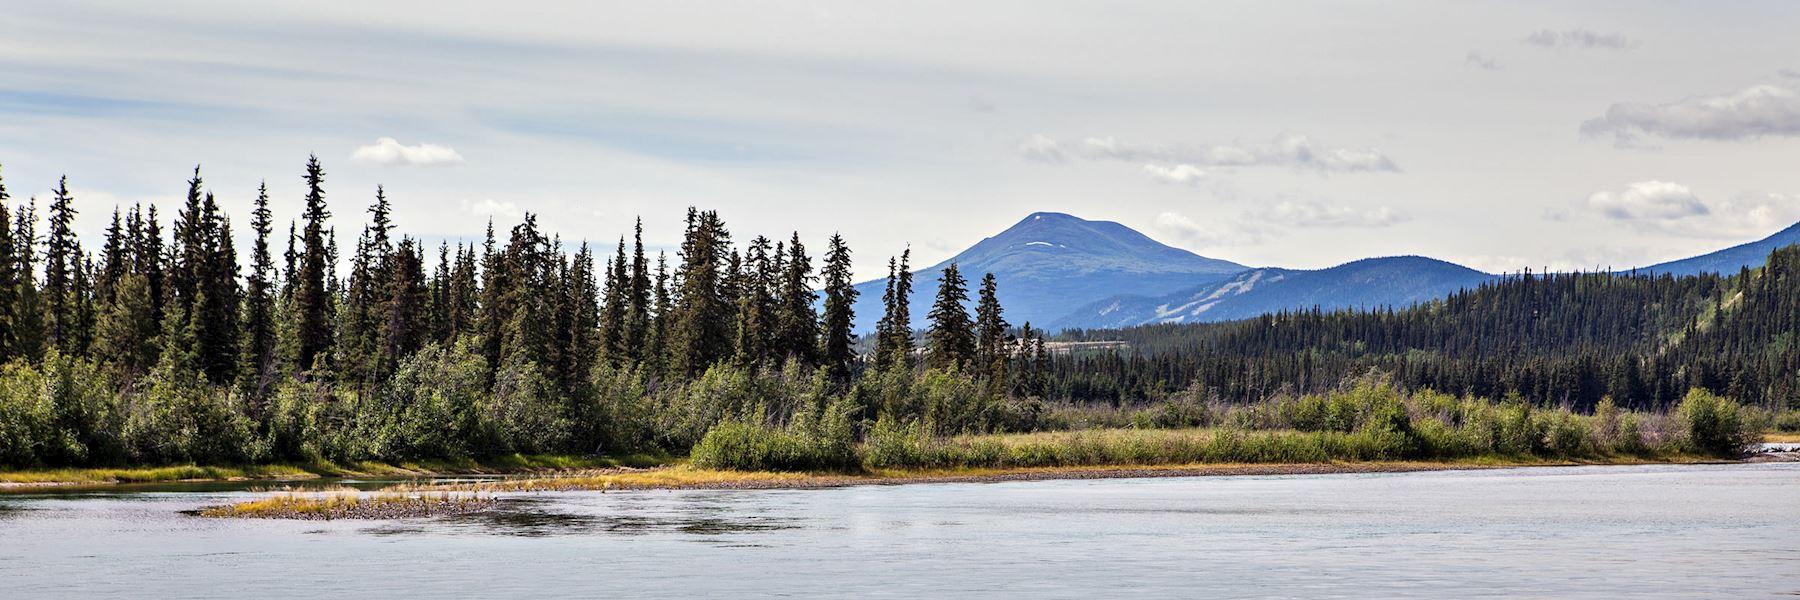 Holidays to The Yukon